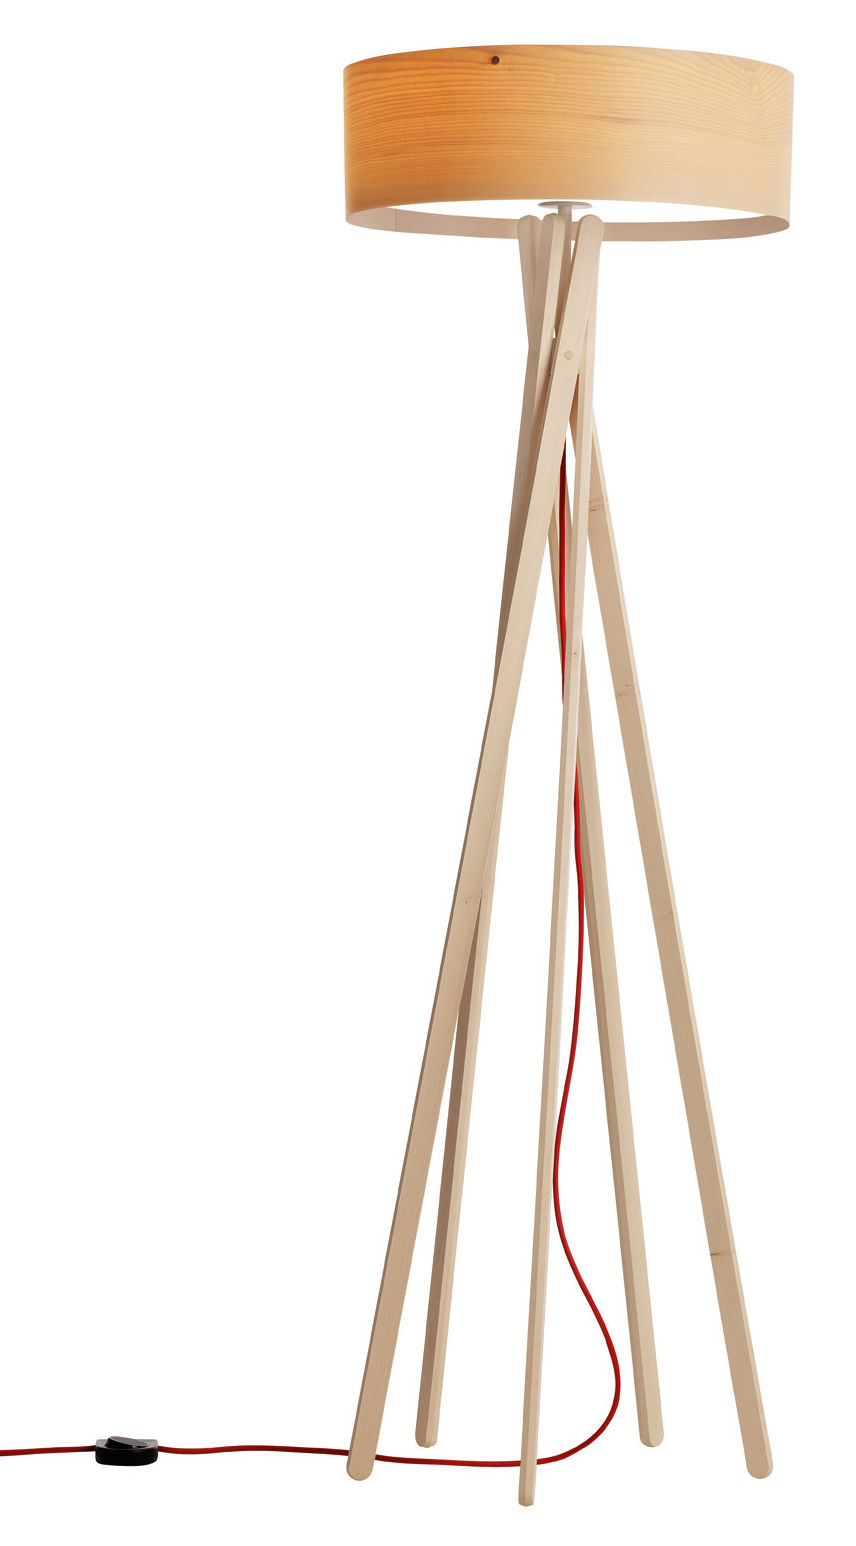 Luminaire - Lampadaires - Lampadaire Arba interrupteur - Belux - Bois - Avec interrupteur - Erable huilé